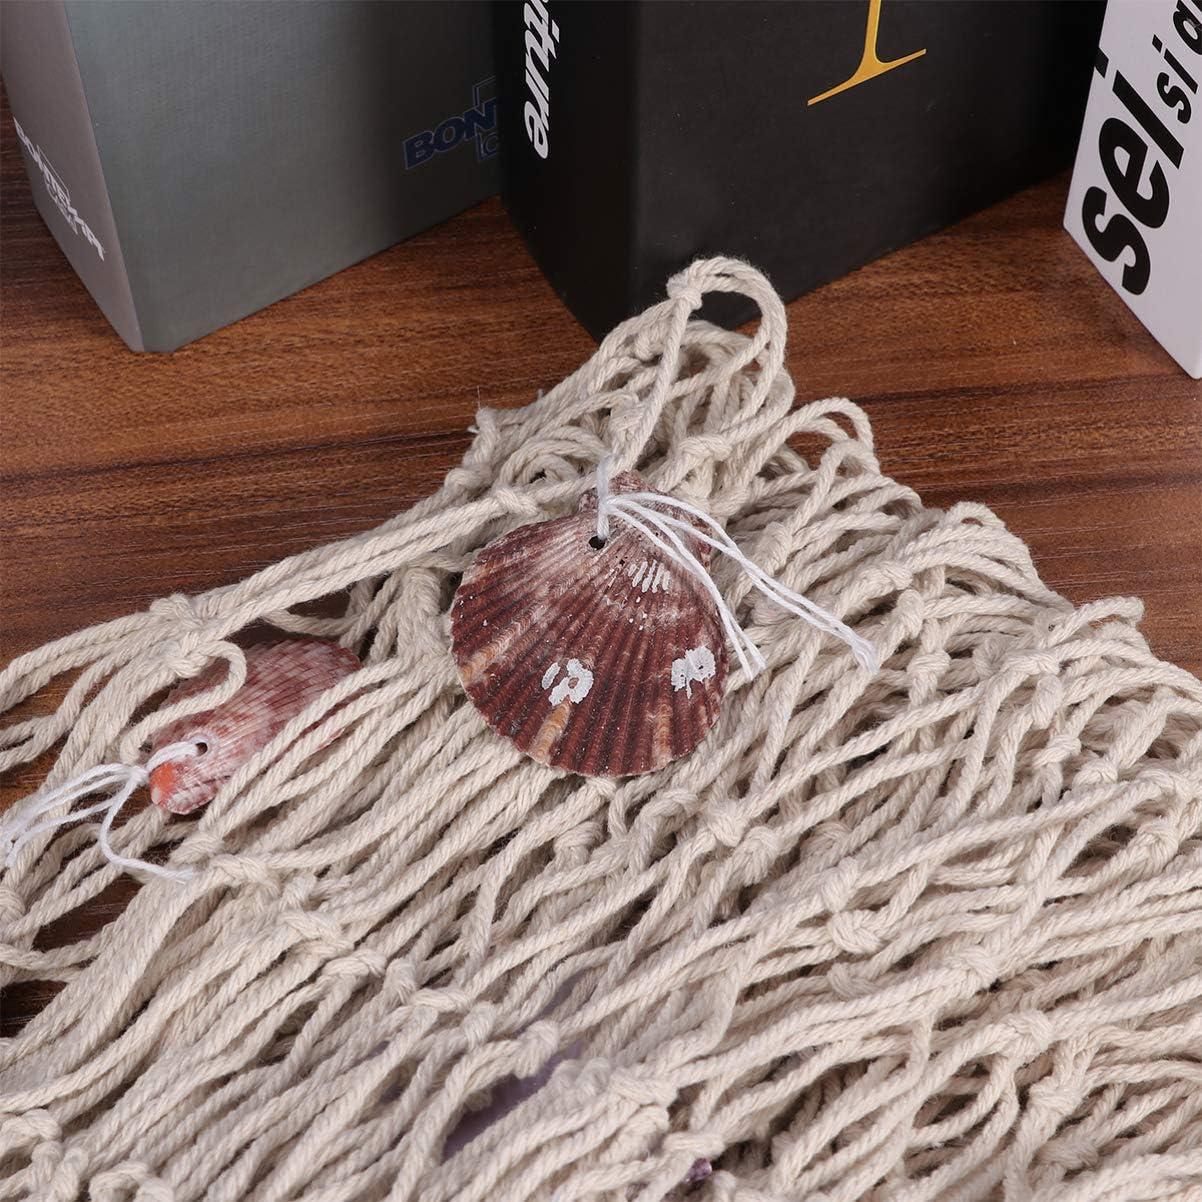 VOSAREA Filet d/écoratif pour Poissons Suspendu Nautique Filet d/écoratif avec d/écors de Coquillage Beige avec Flotteur de Coquillage